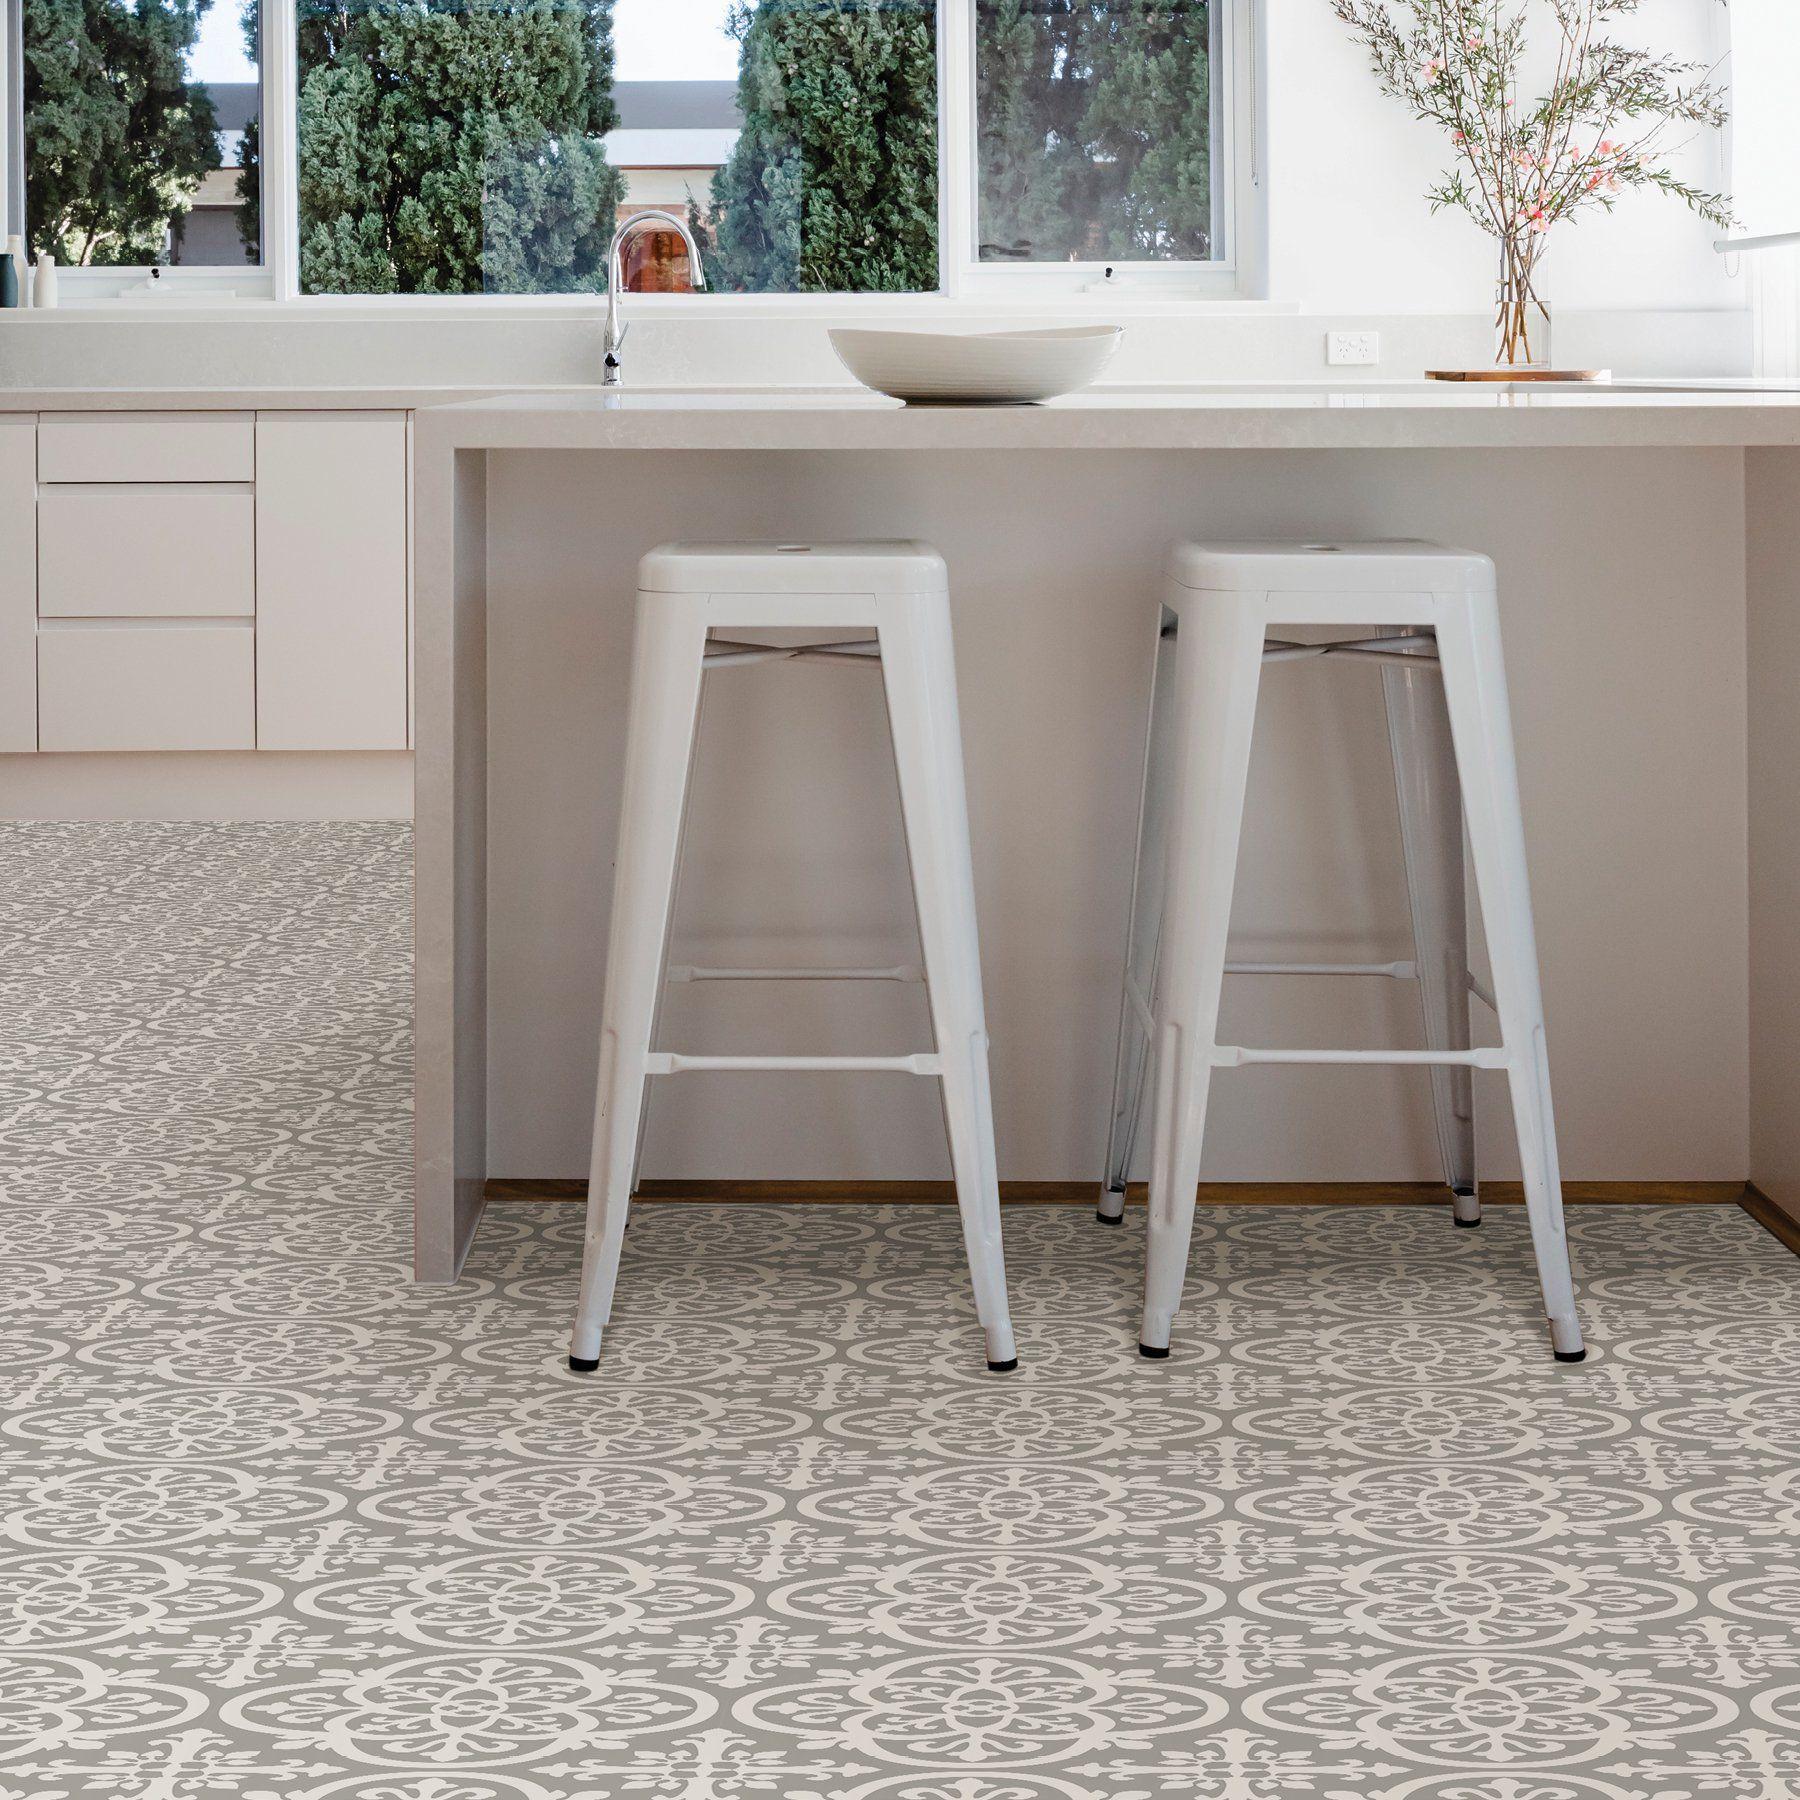 Floorpops Medina 12 In X 12 In Peel And Stick Virgin Vinyl Floor Tiles 10 Pack Walmart Com In 2021 Peel And Stick Floor Kitchen Flooring Trends Vinyl Tile